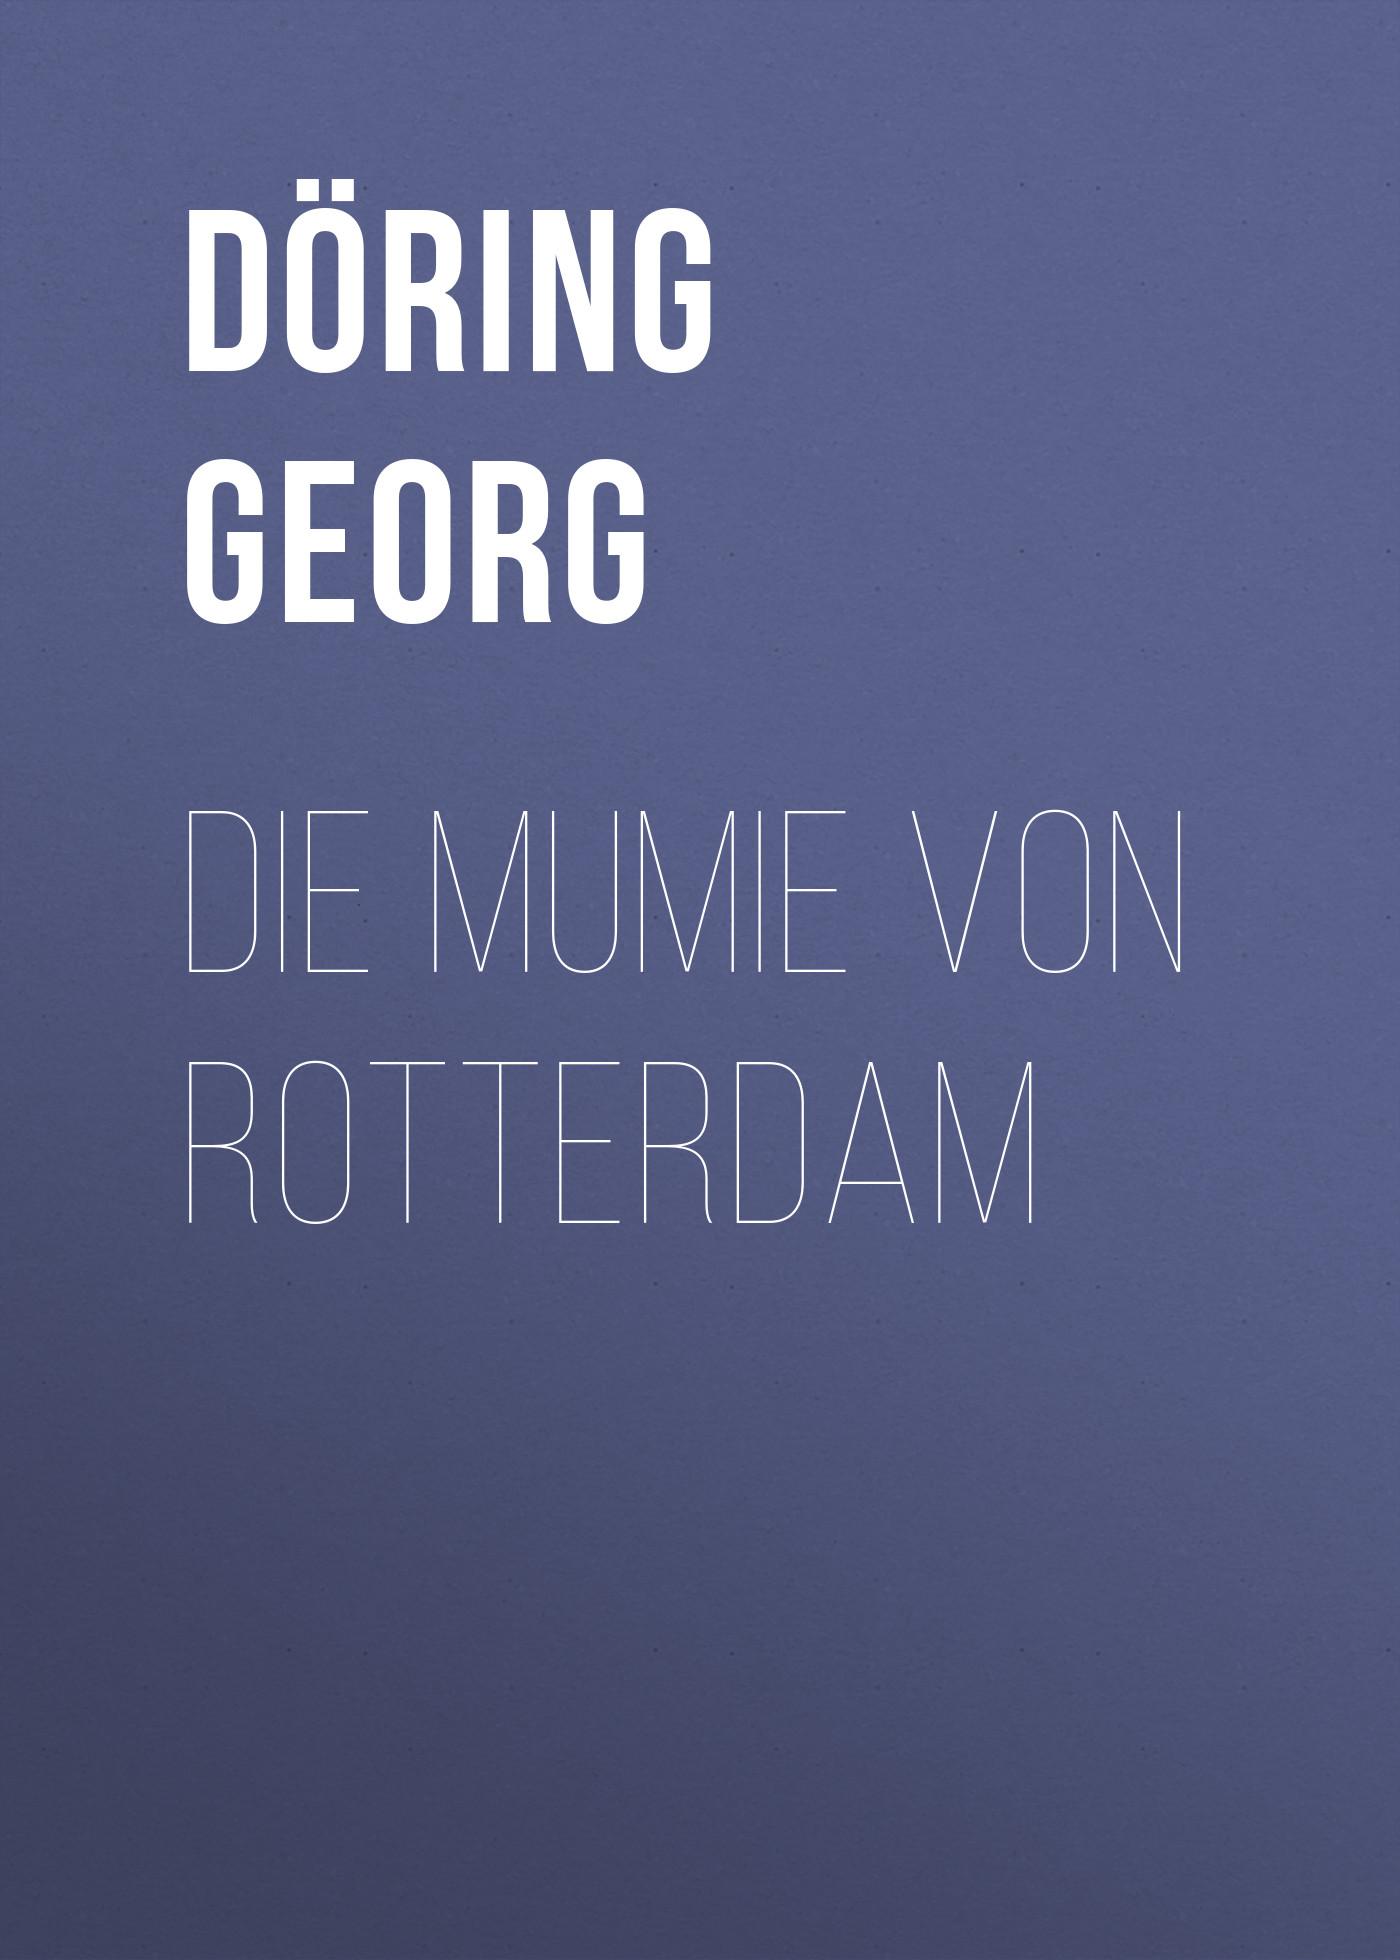 Döring Georg Die Mumie von Rotterdam bløf rotterdam